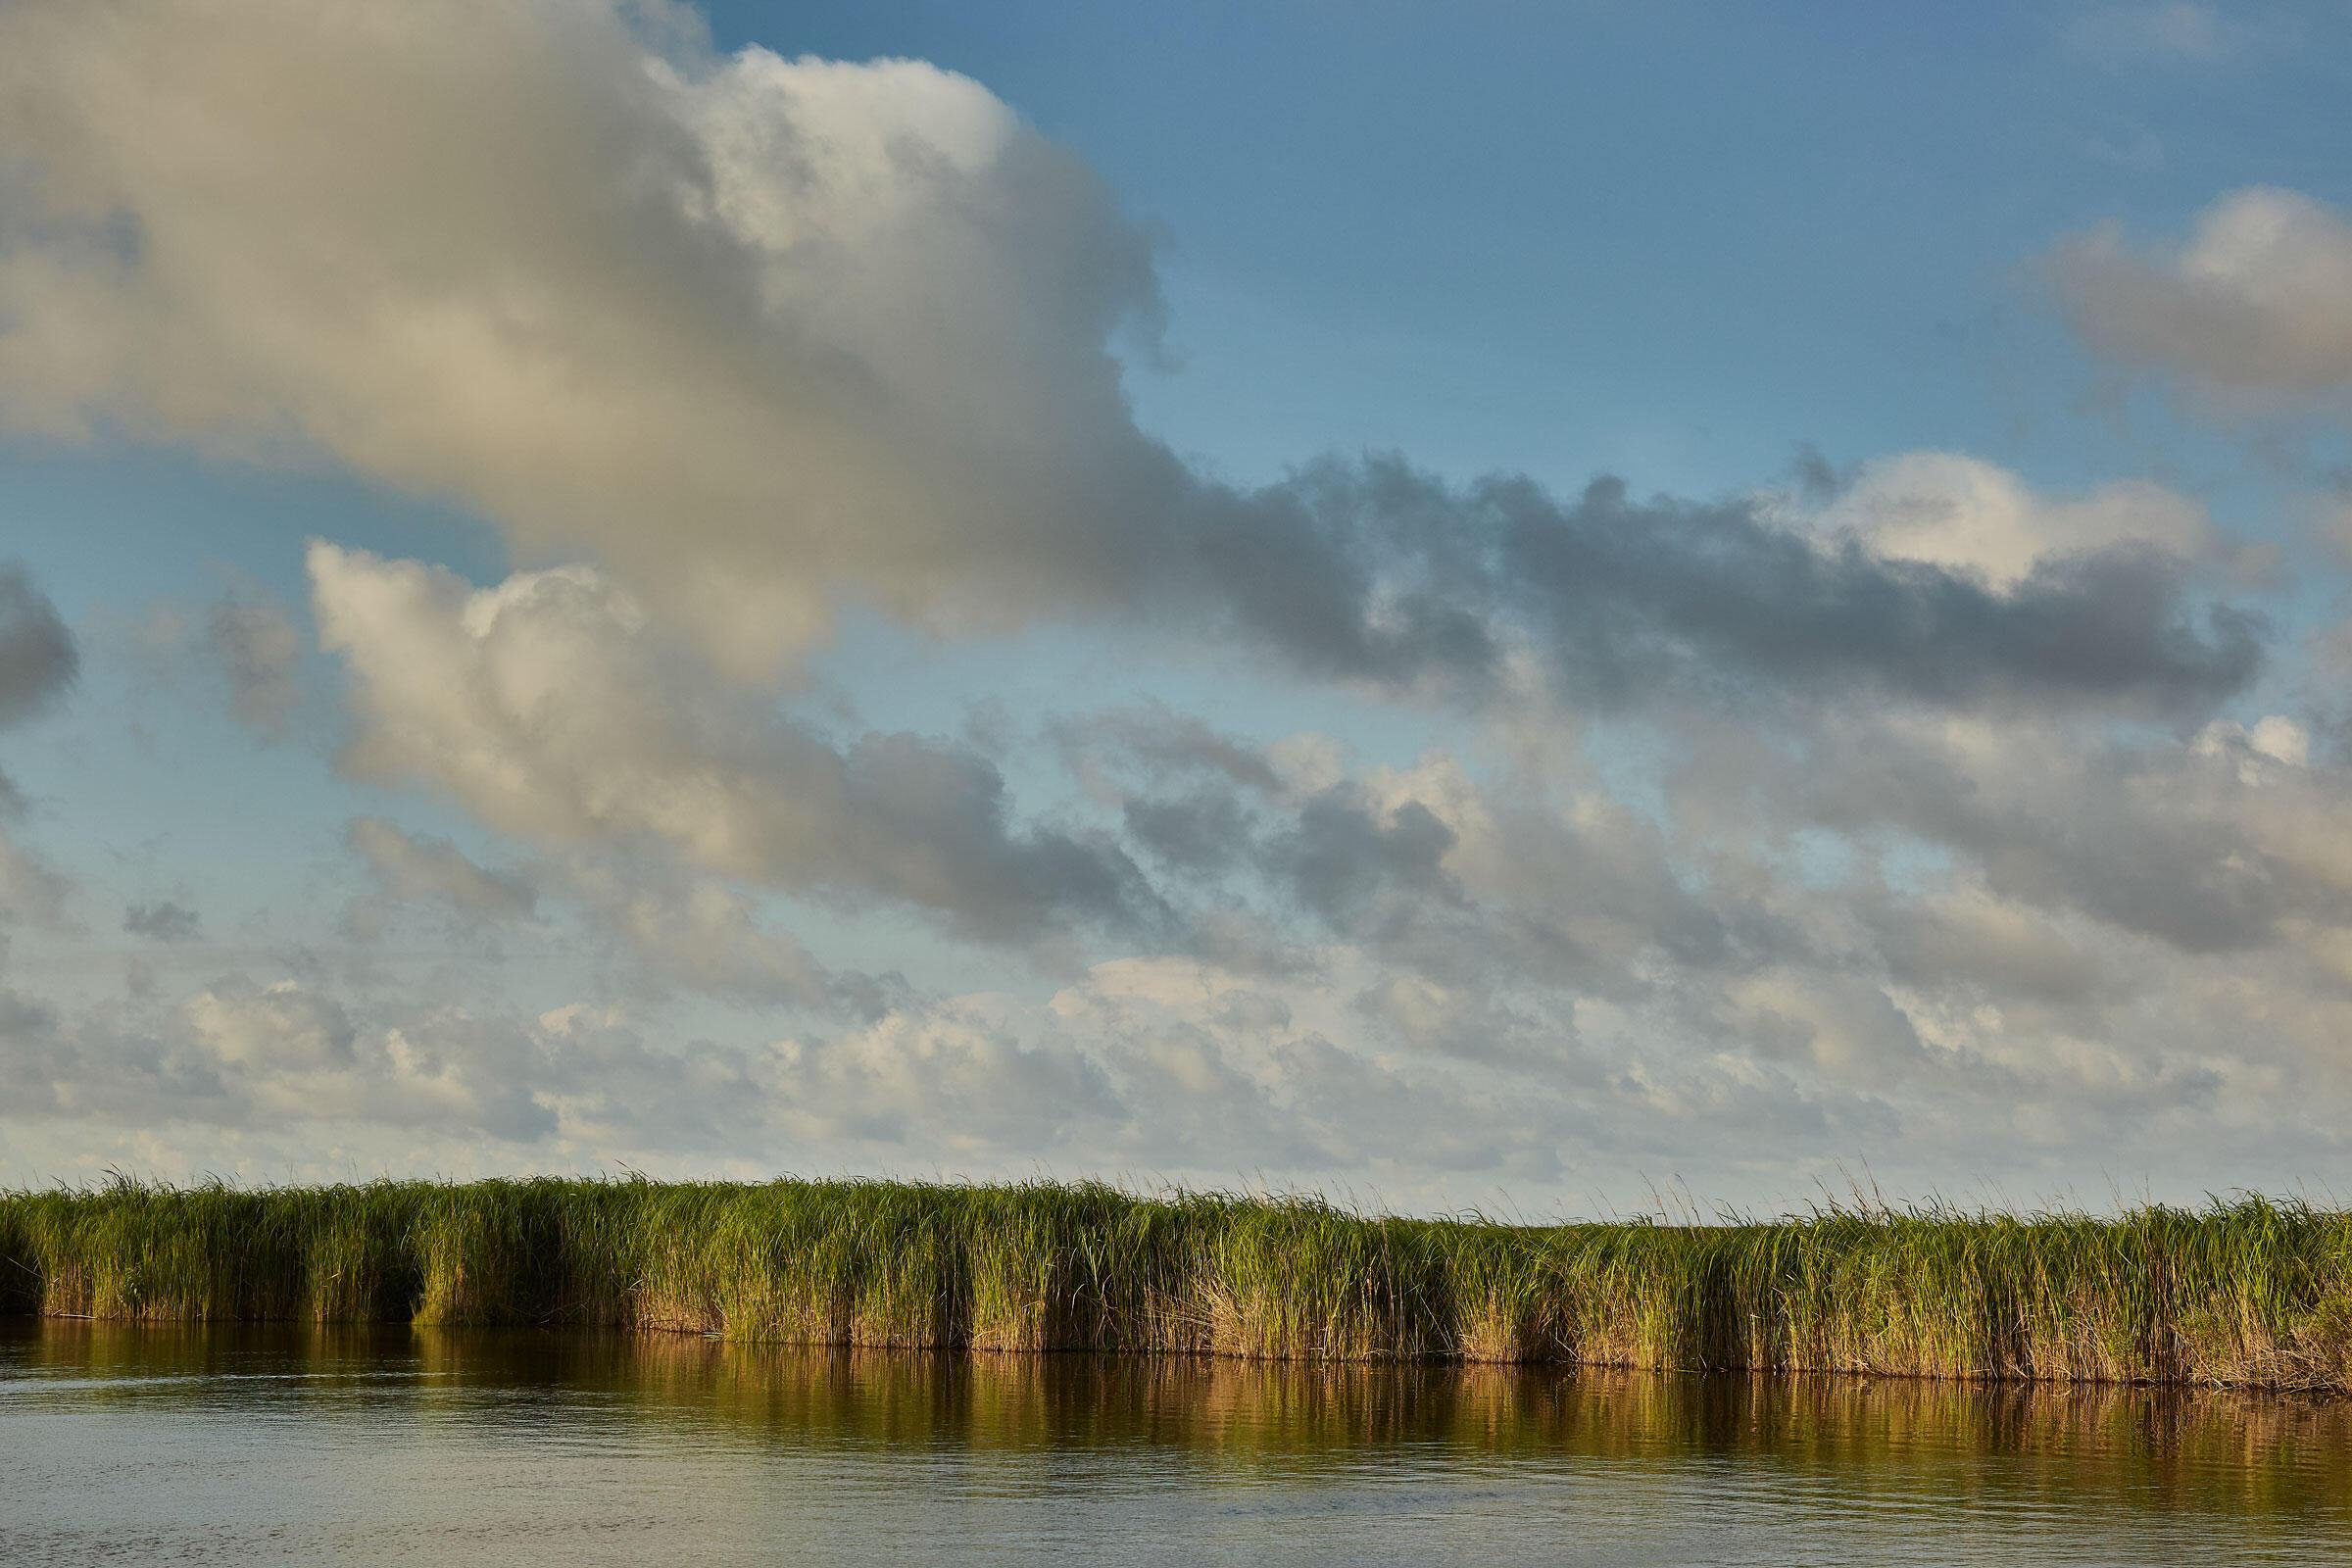 Las marismas costeras de Pine Island ofrecen una contención contra el crecimiento de los mares; los expertos dicen que salvarlas es clave para proteger el patrimonio del santuario y su futuro.